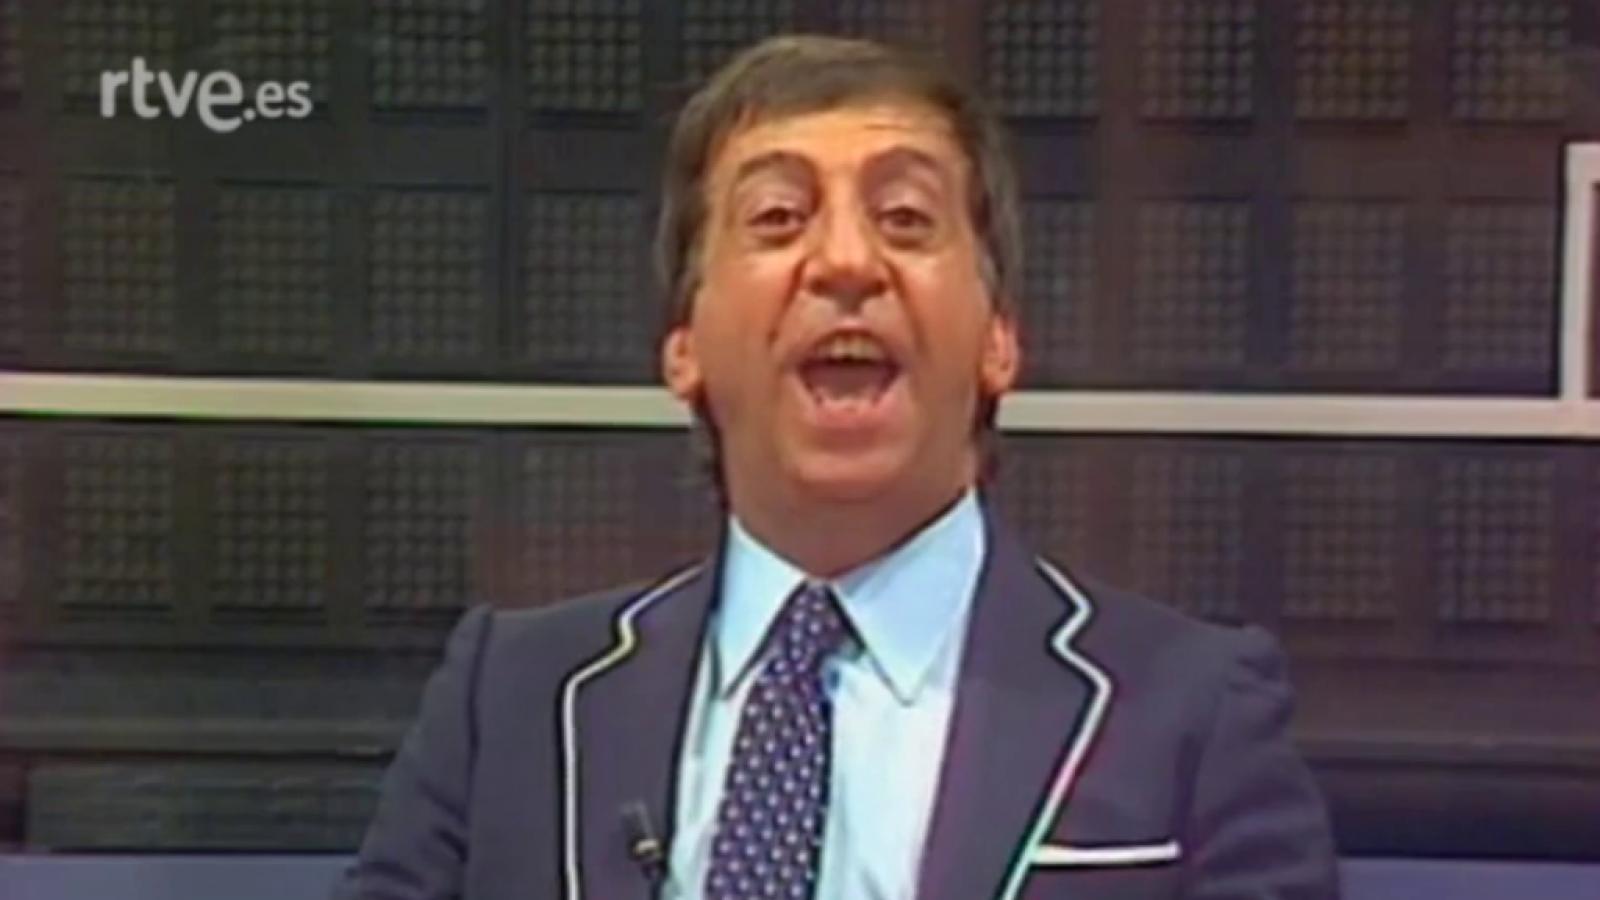 El kiosco - 09/10/1984